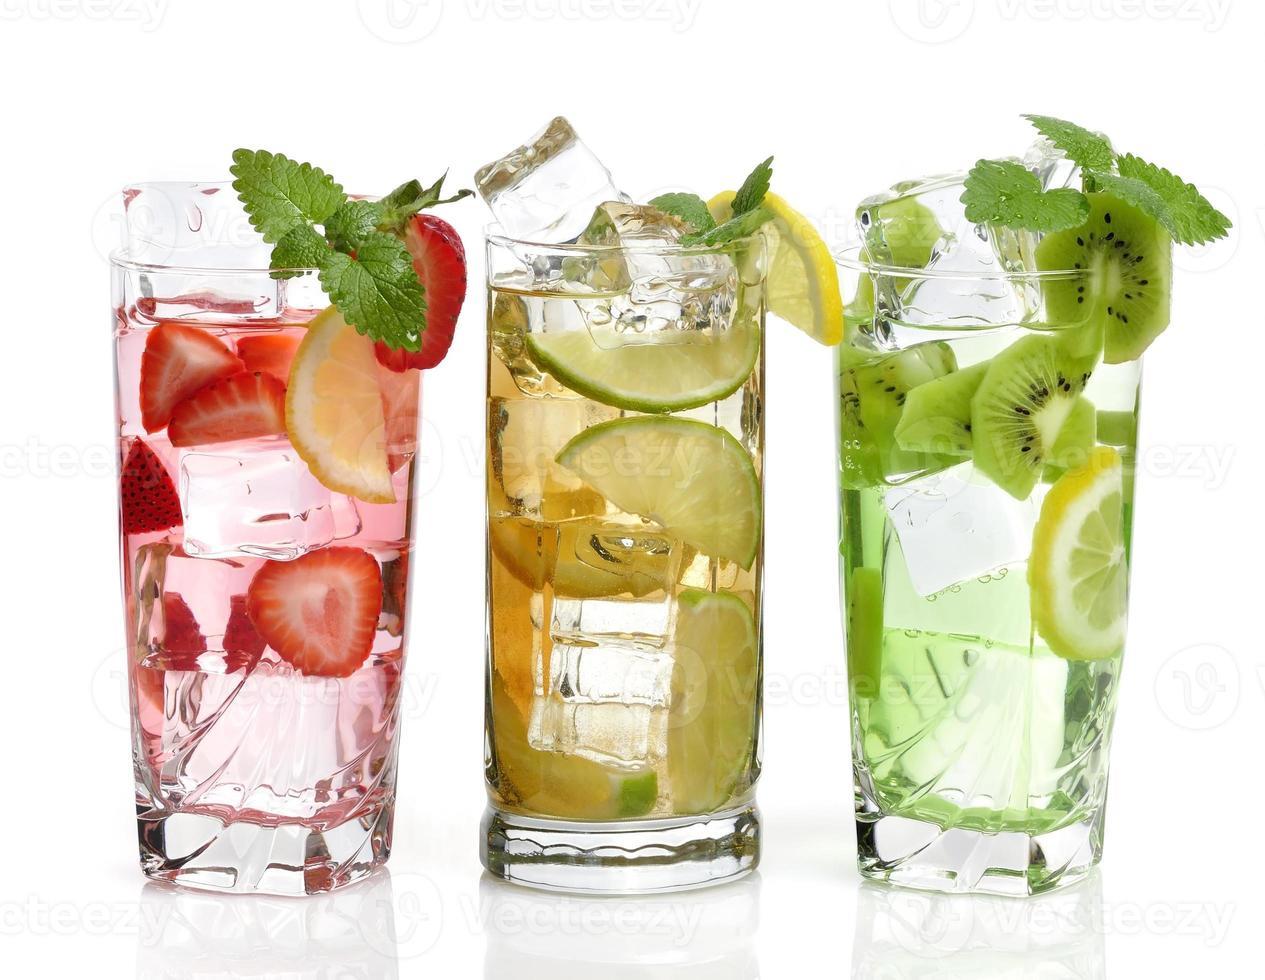 boissons froides aux fruits photo